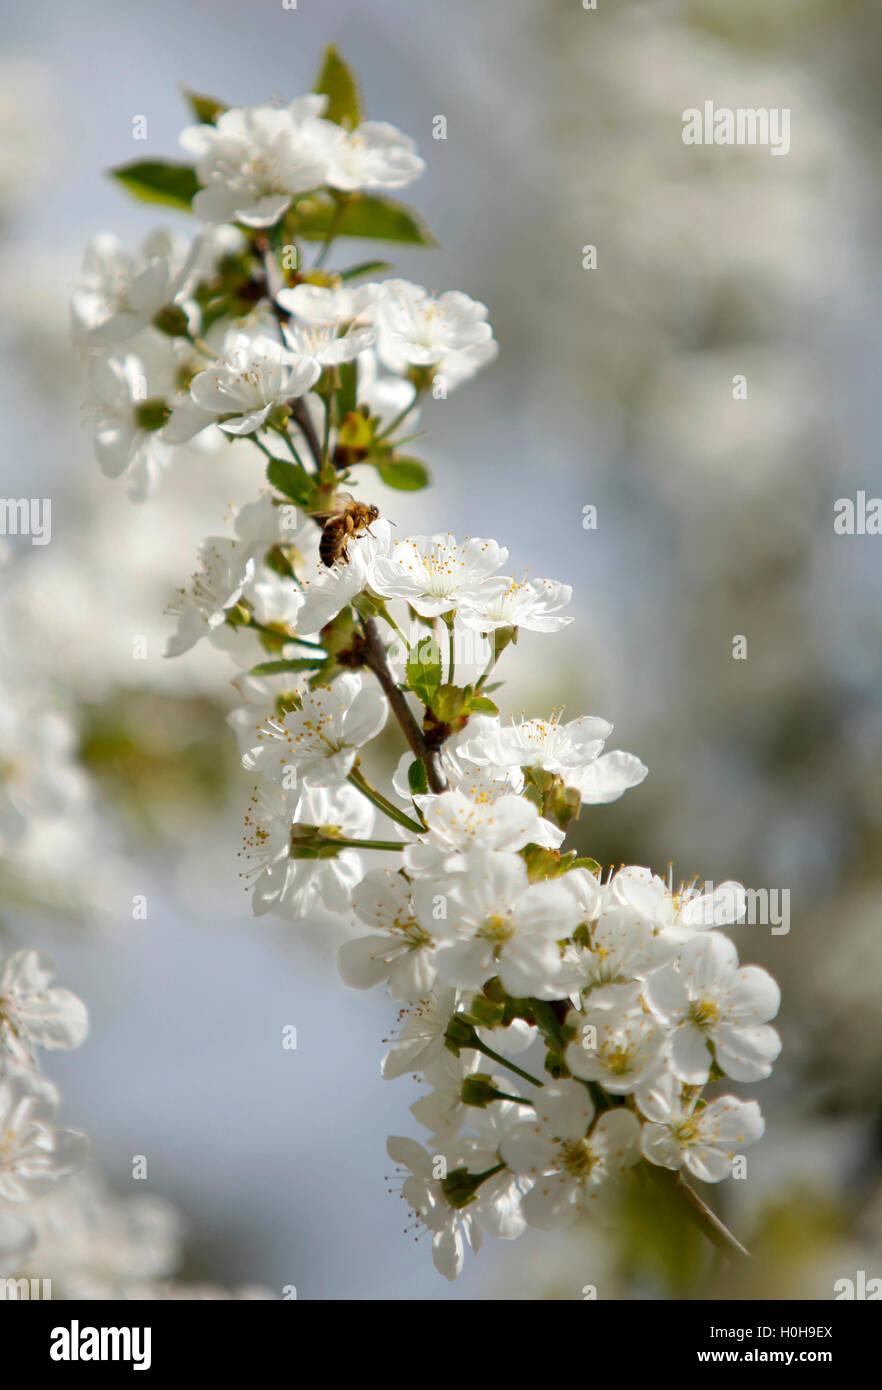 Las abejas de miel en una flor de cerezo recolectando miel 2 Imagen De Stock